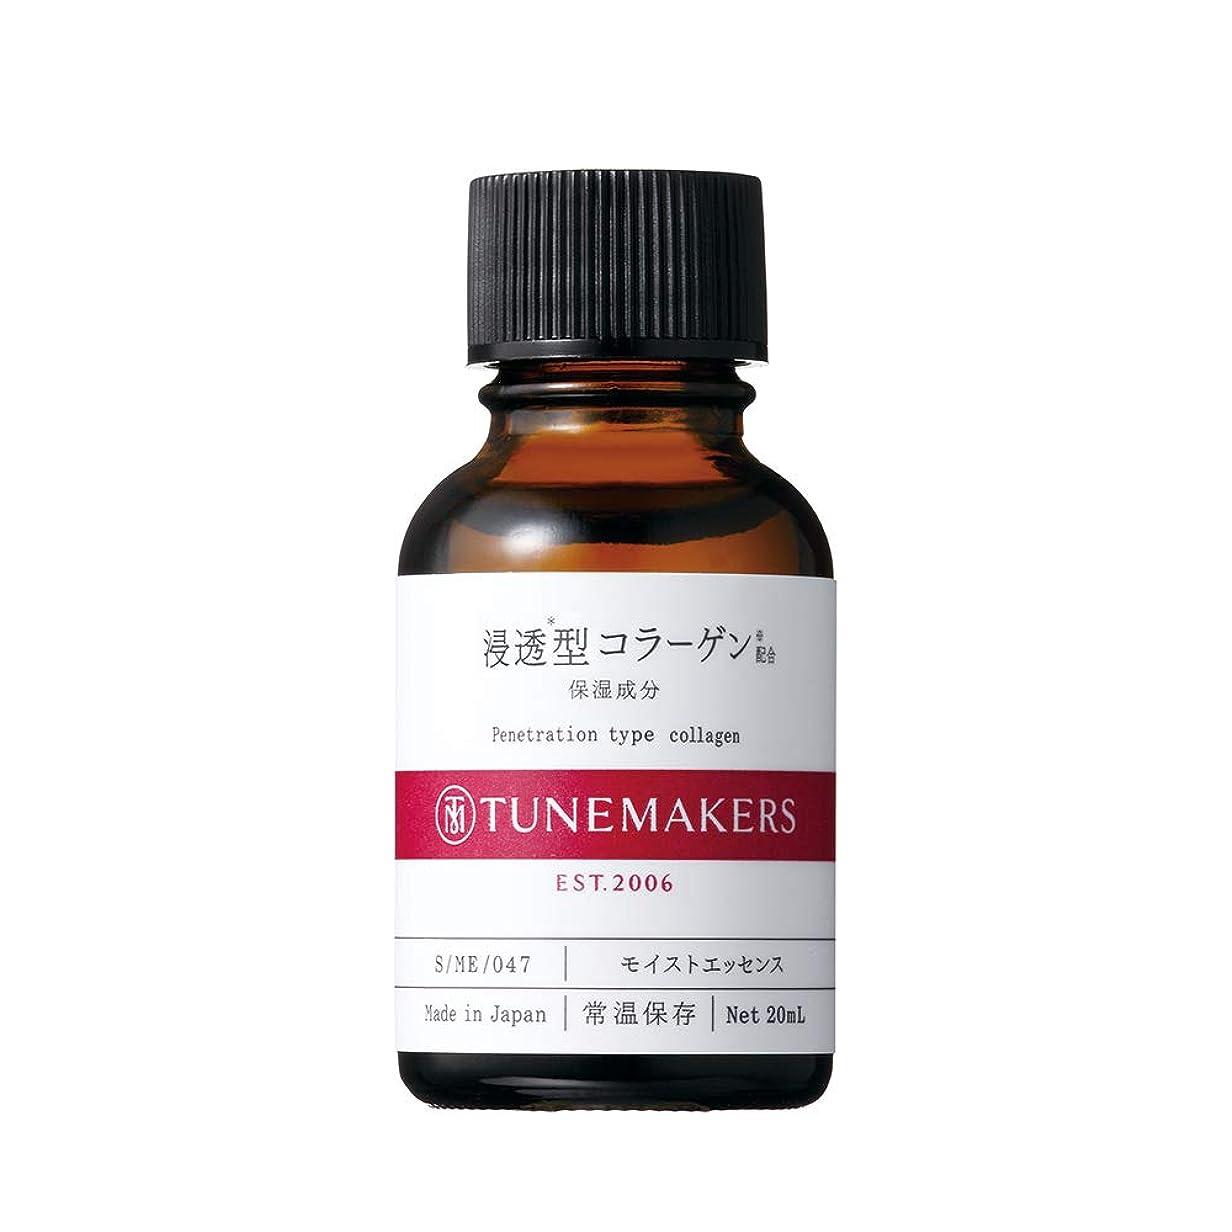 承認する延ばす美徳TUNEMAKERS(チューンメーカーズ) 浸透型コラーゲン 美容液 20ml